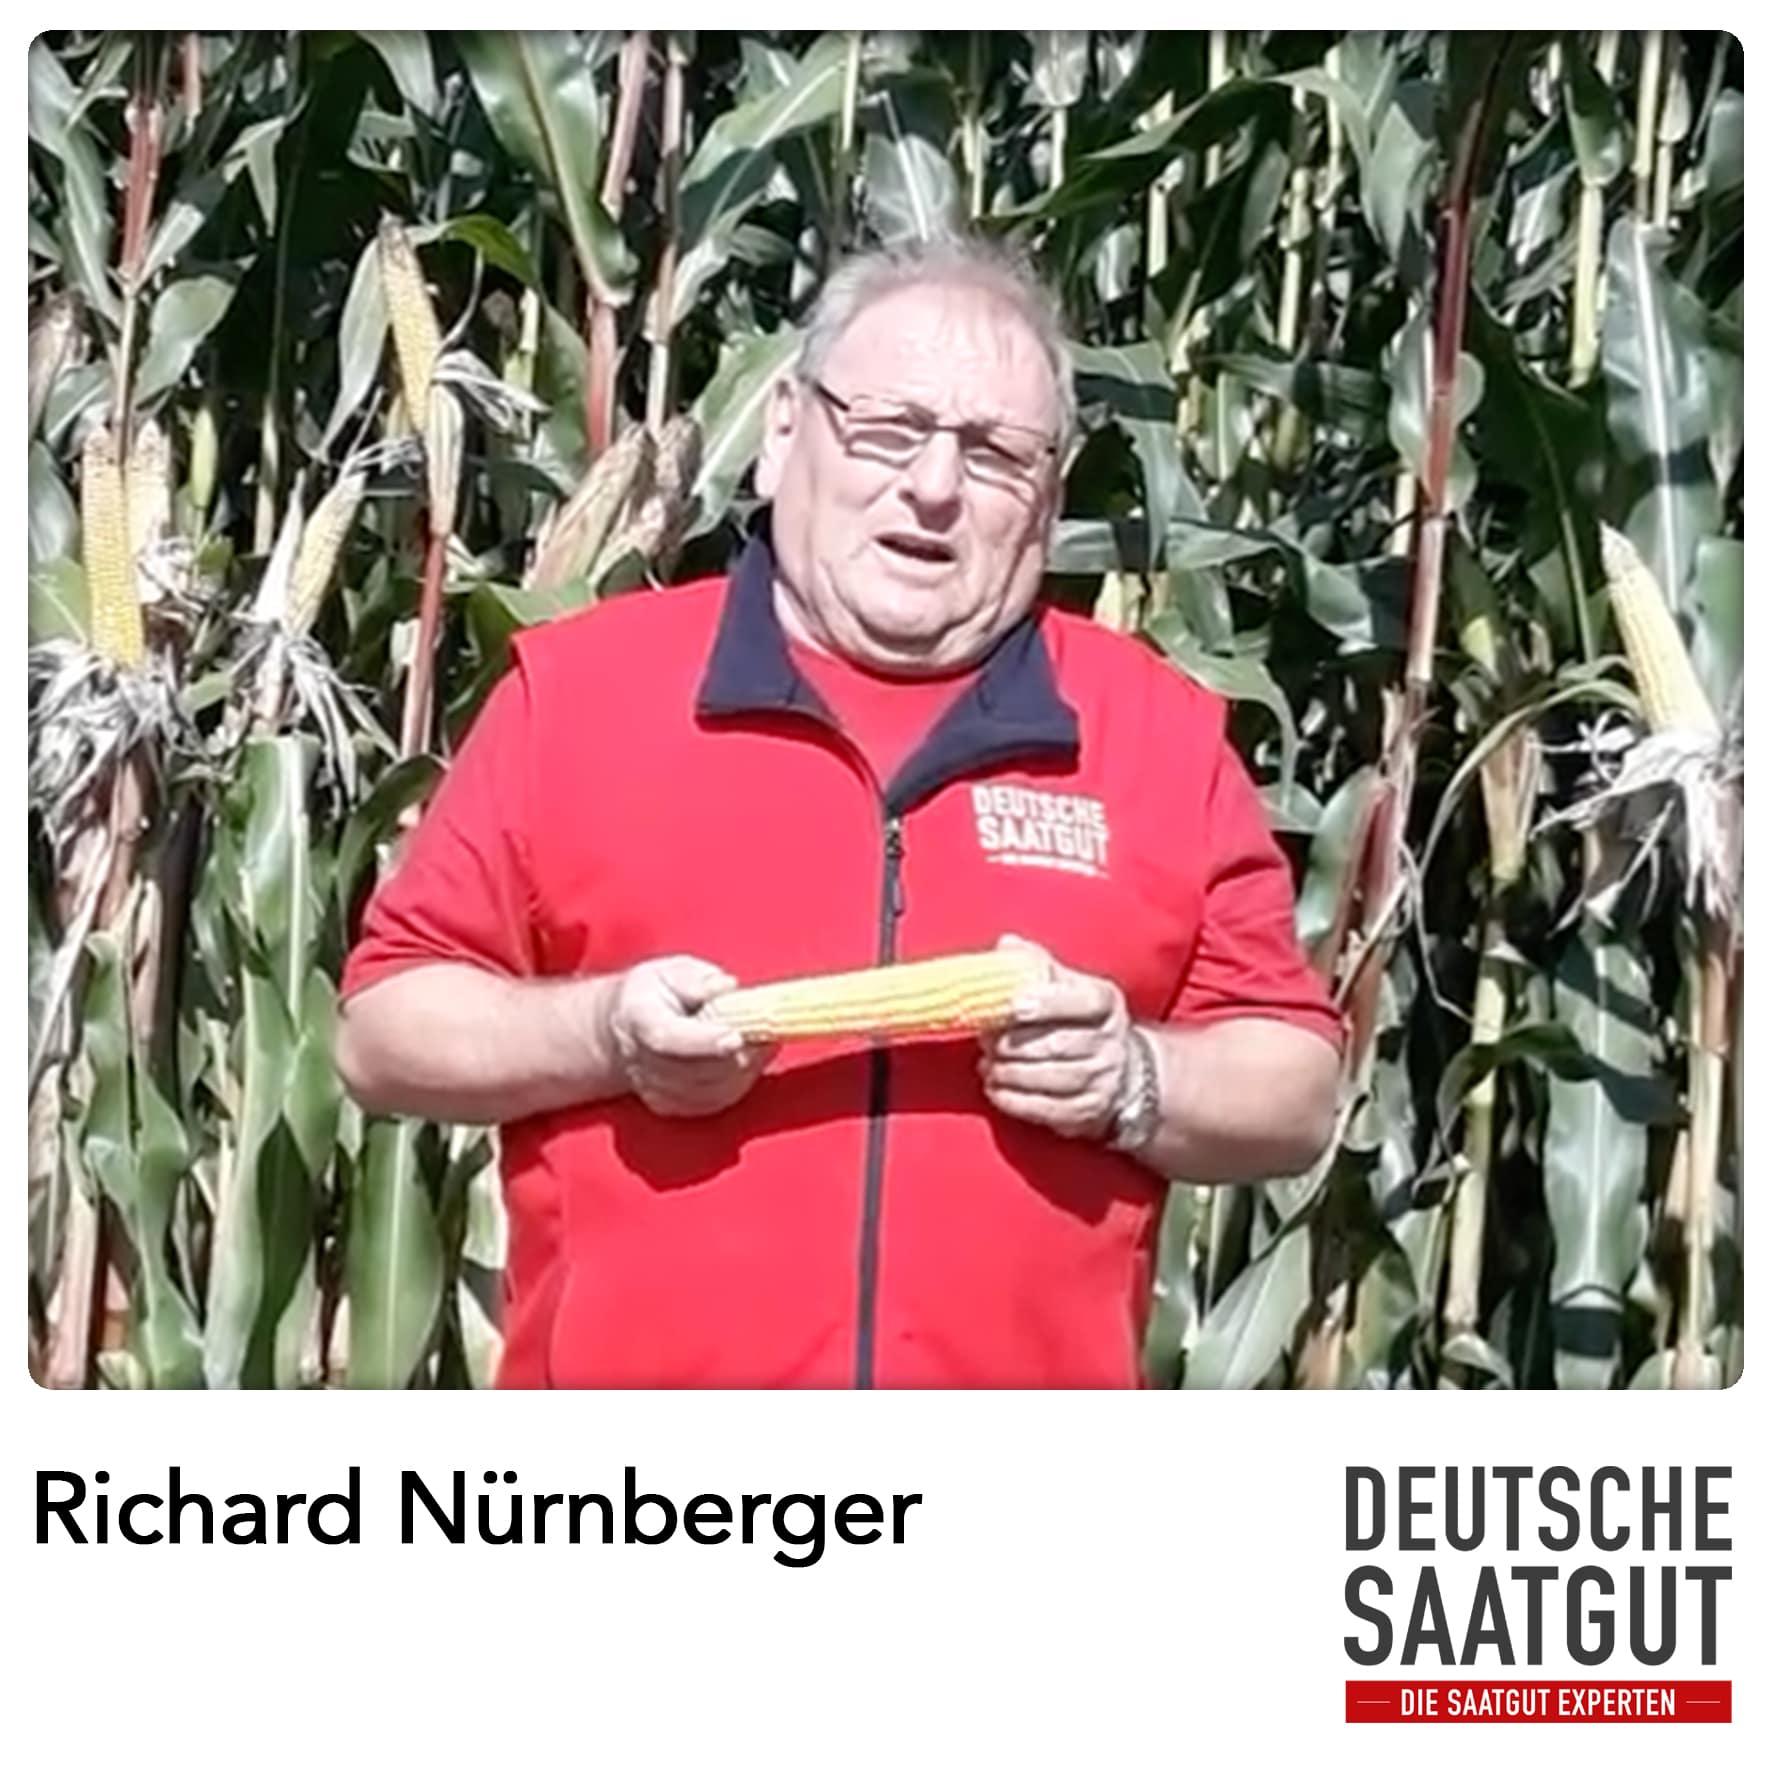 Richard Nürnberger bei der Mais-Sortendemo in Dornhausen im LK Ansbach